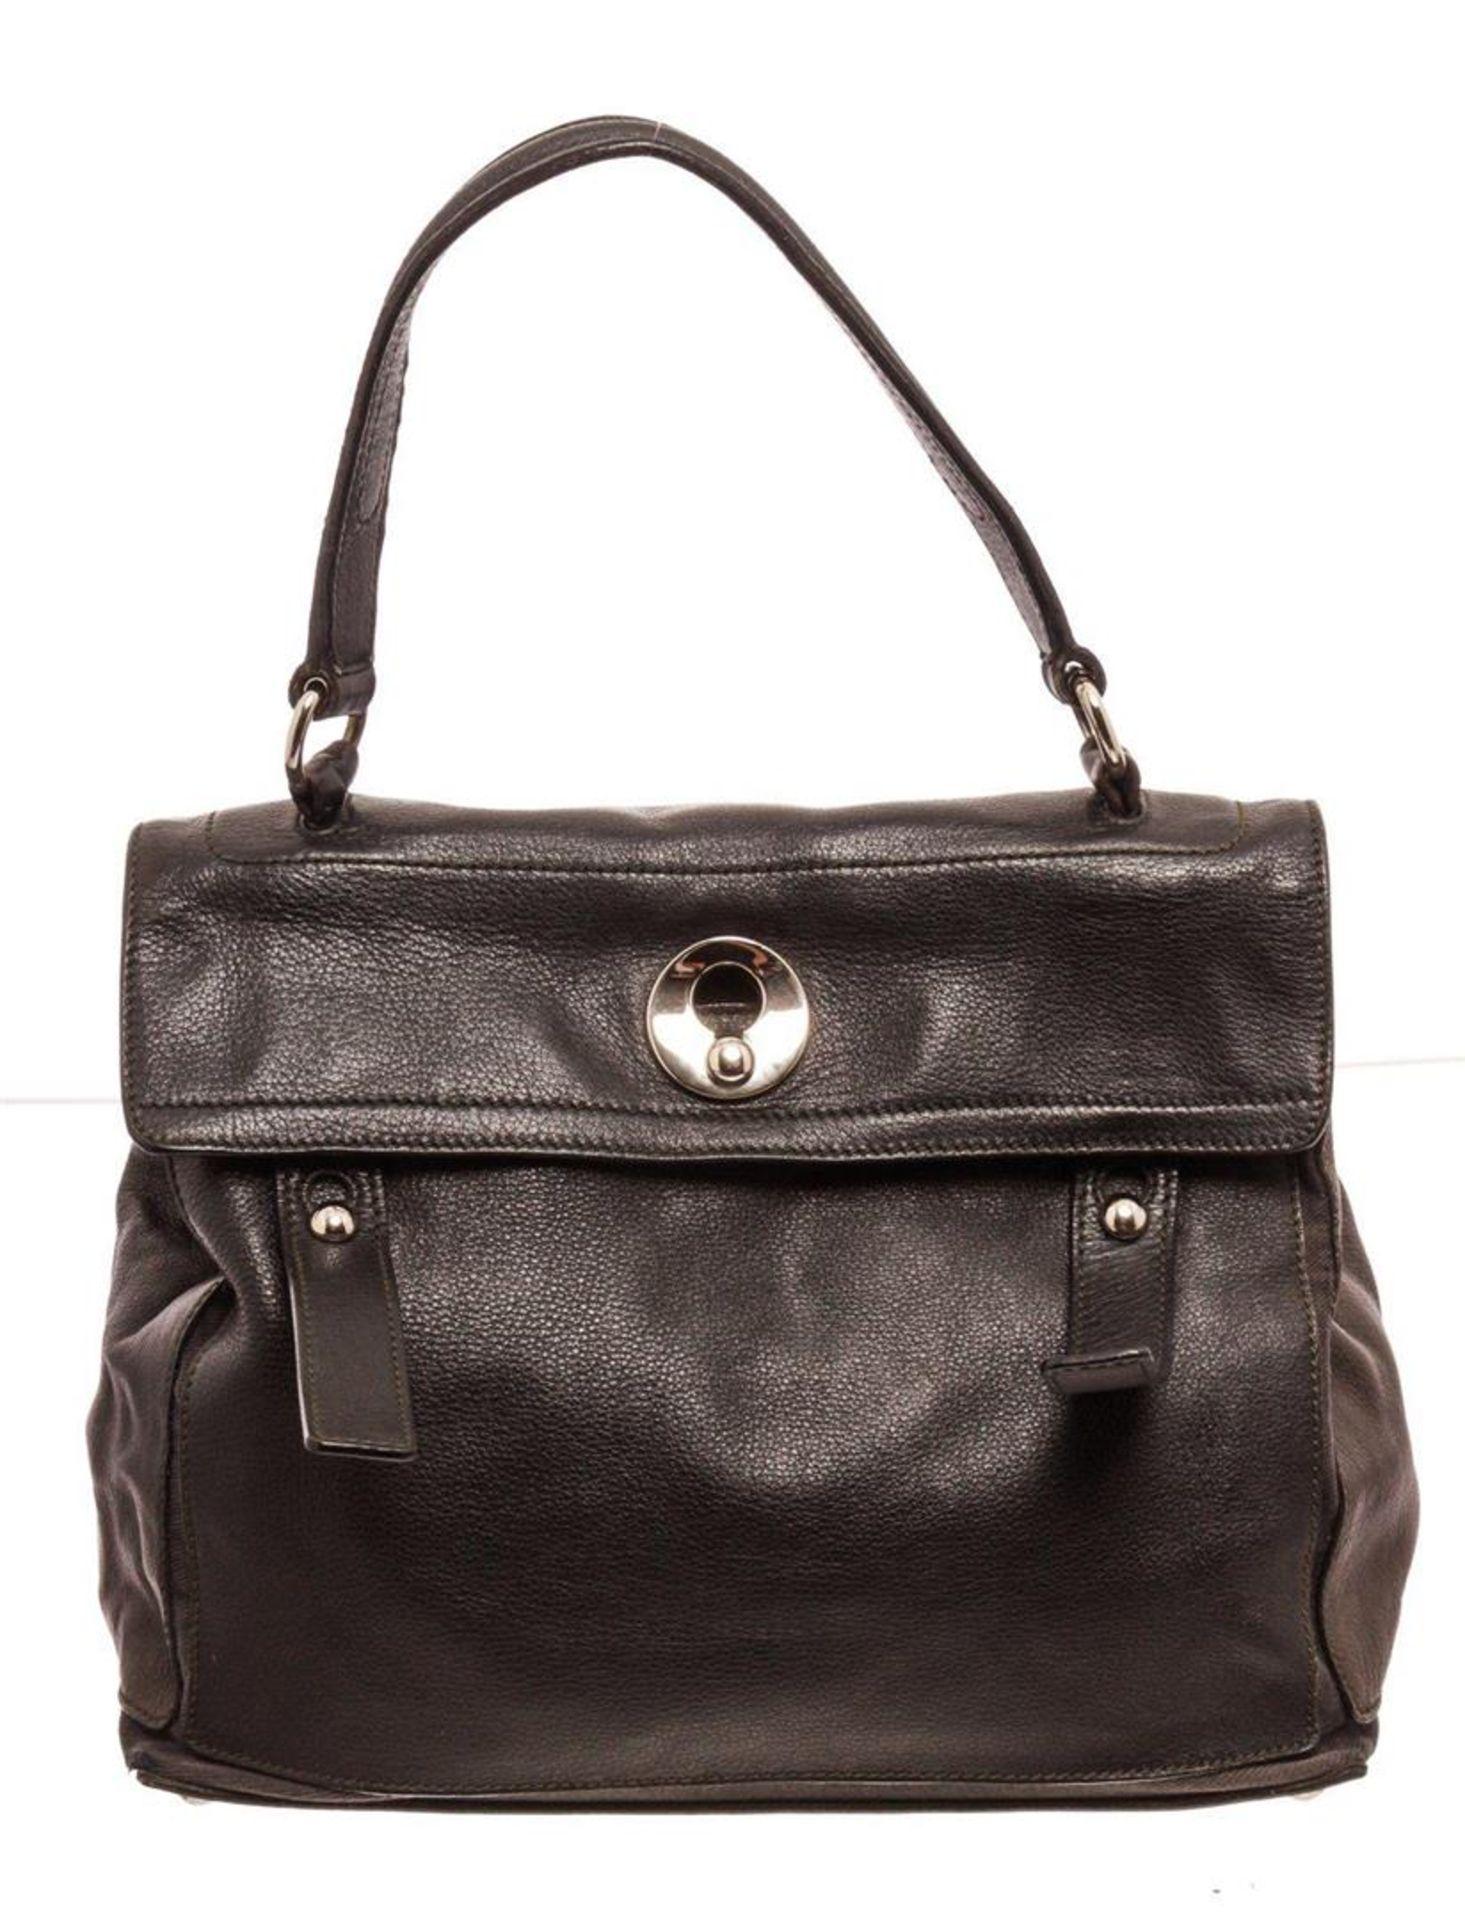 Saint Laurent YSL Black Leather Muse Two Shoulder Bag